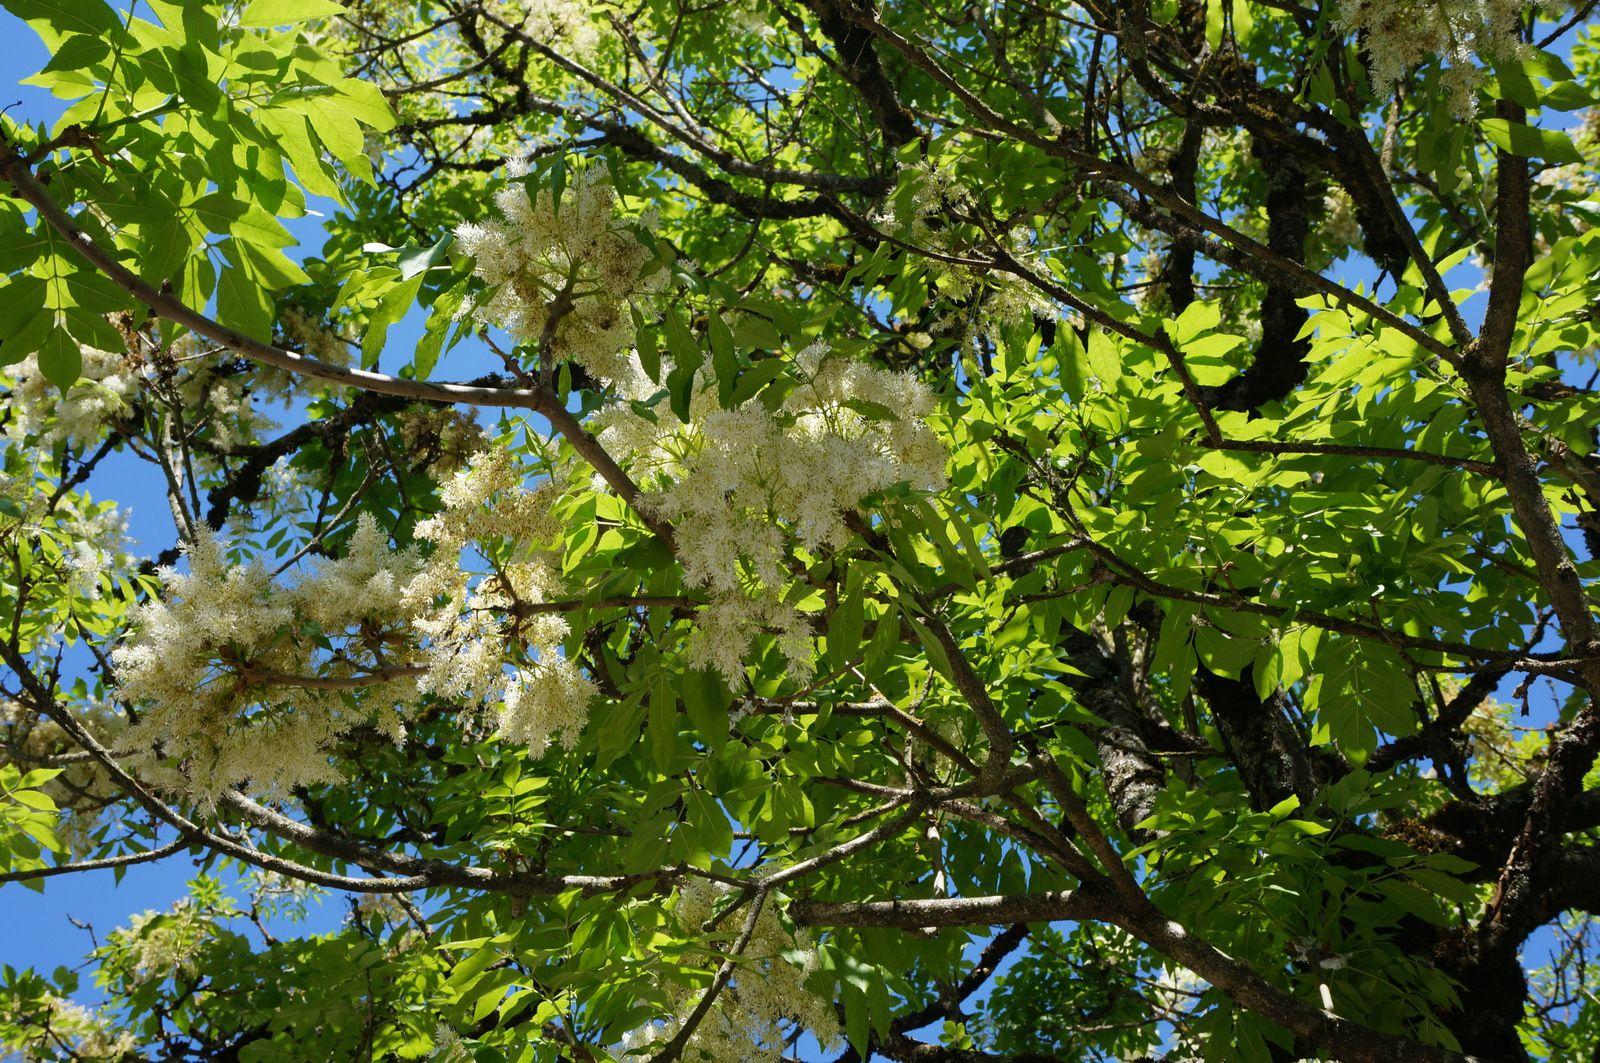 les 5 premières photos ont été prises aux Groues au mois d'avril lorsque la végétation était très colorée.Les deux dernières photos montrent les arbres de la Place de l'immobilière. C'est la première fois que nous prenons les Frênes à fleurs avec leurs houppes fleuries.